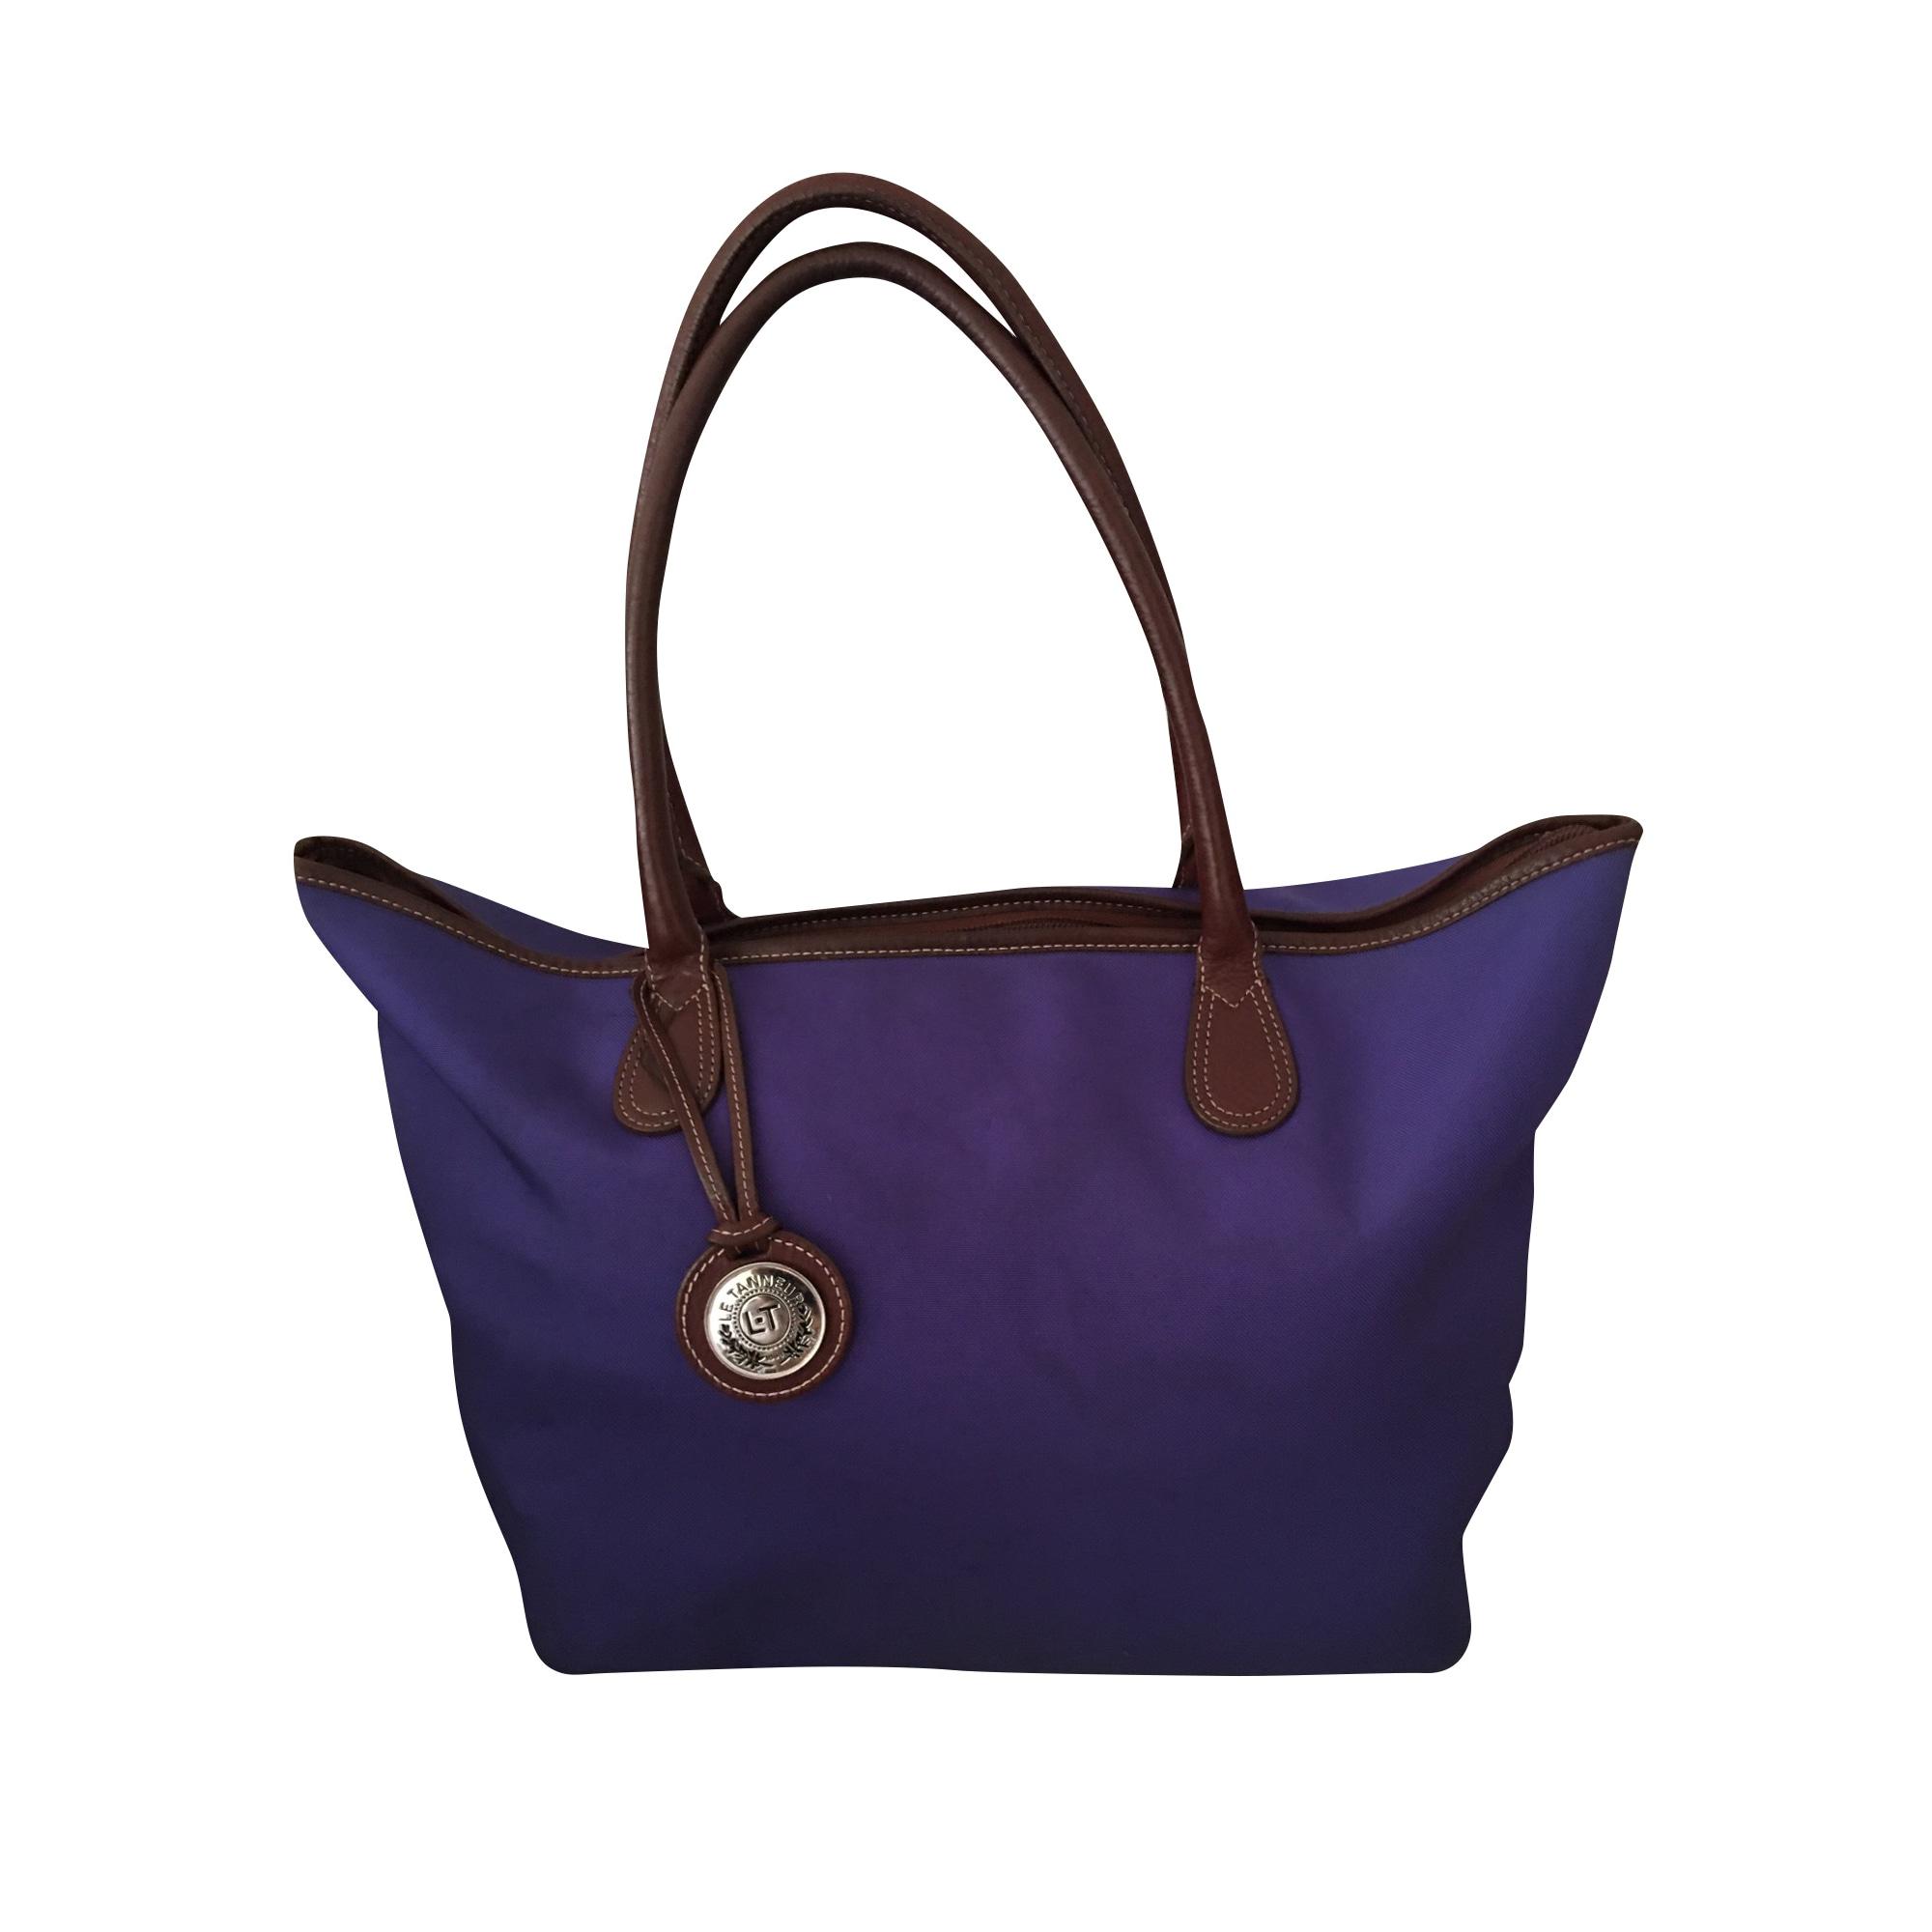 Sac XL en tissu LE TANNEUR Bleu, bleu marine, bleu turquoise